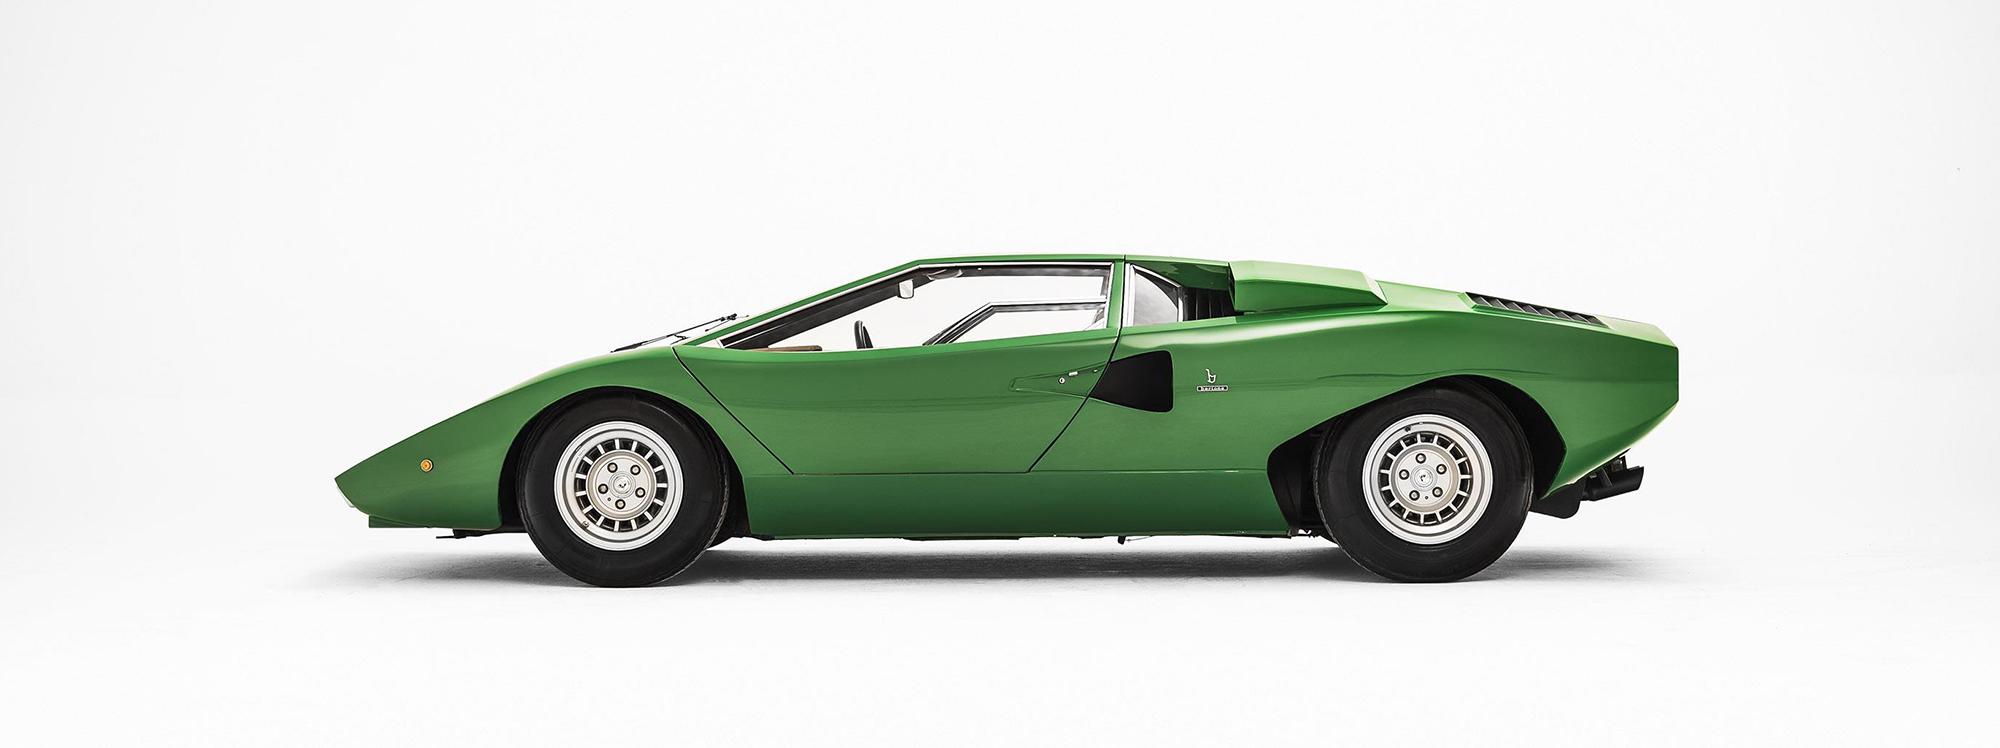 Este vehículo es la clave del estilo de Lamborghini